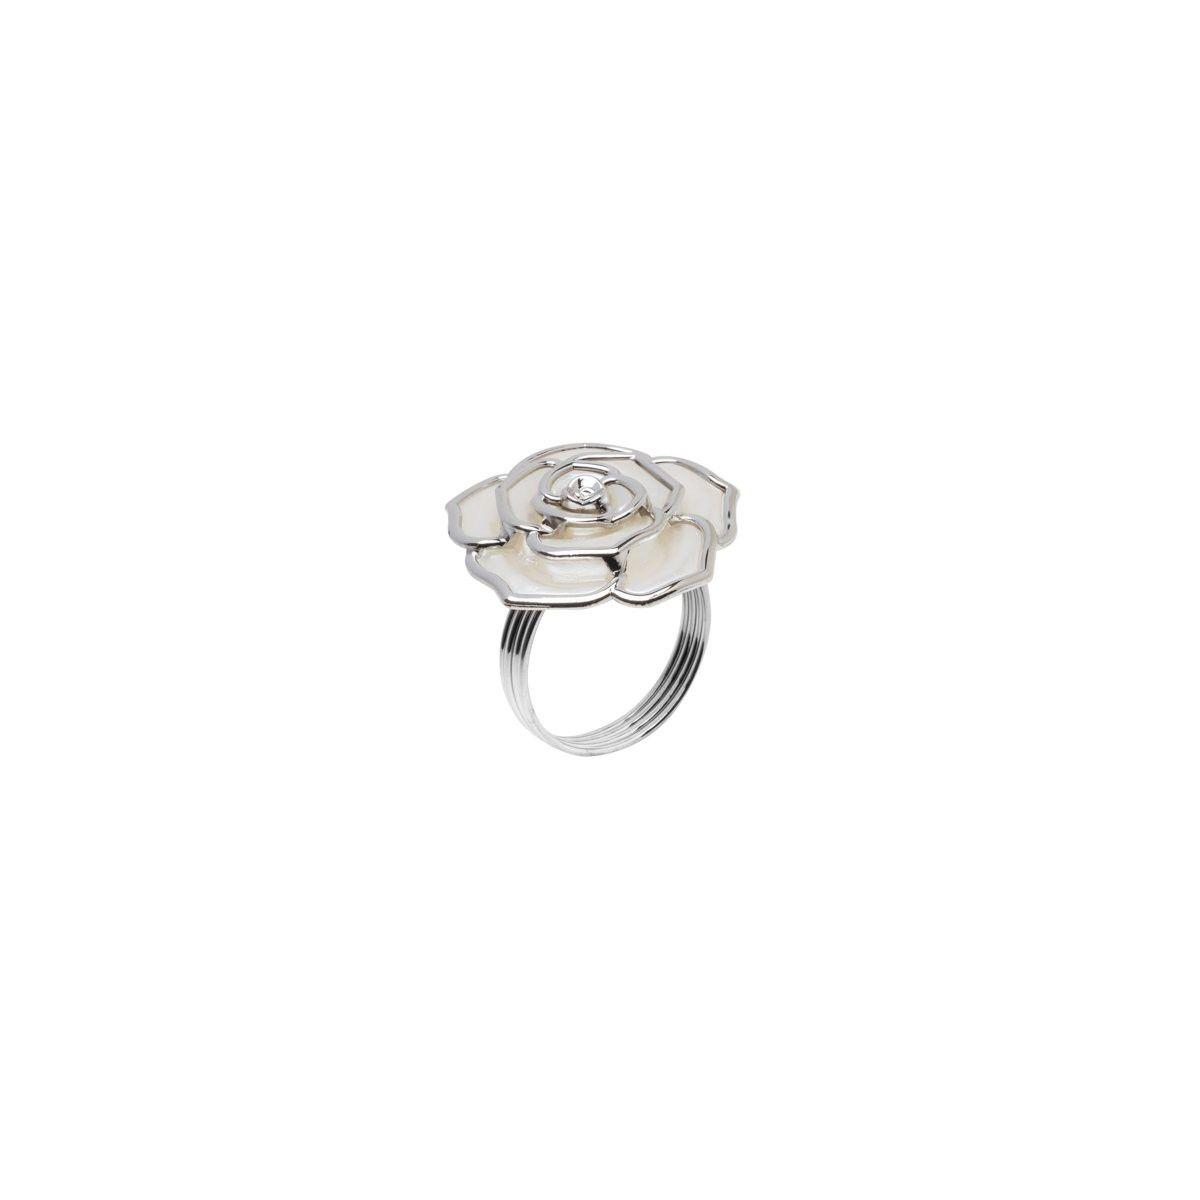 Jogo 4 anéis para guardanapo em zamac prateado Rose Prestige - 26516